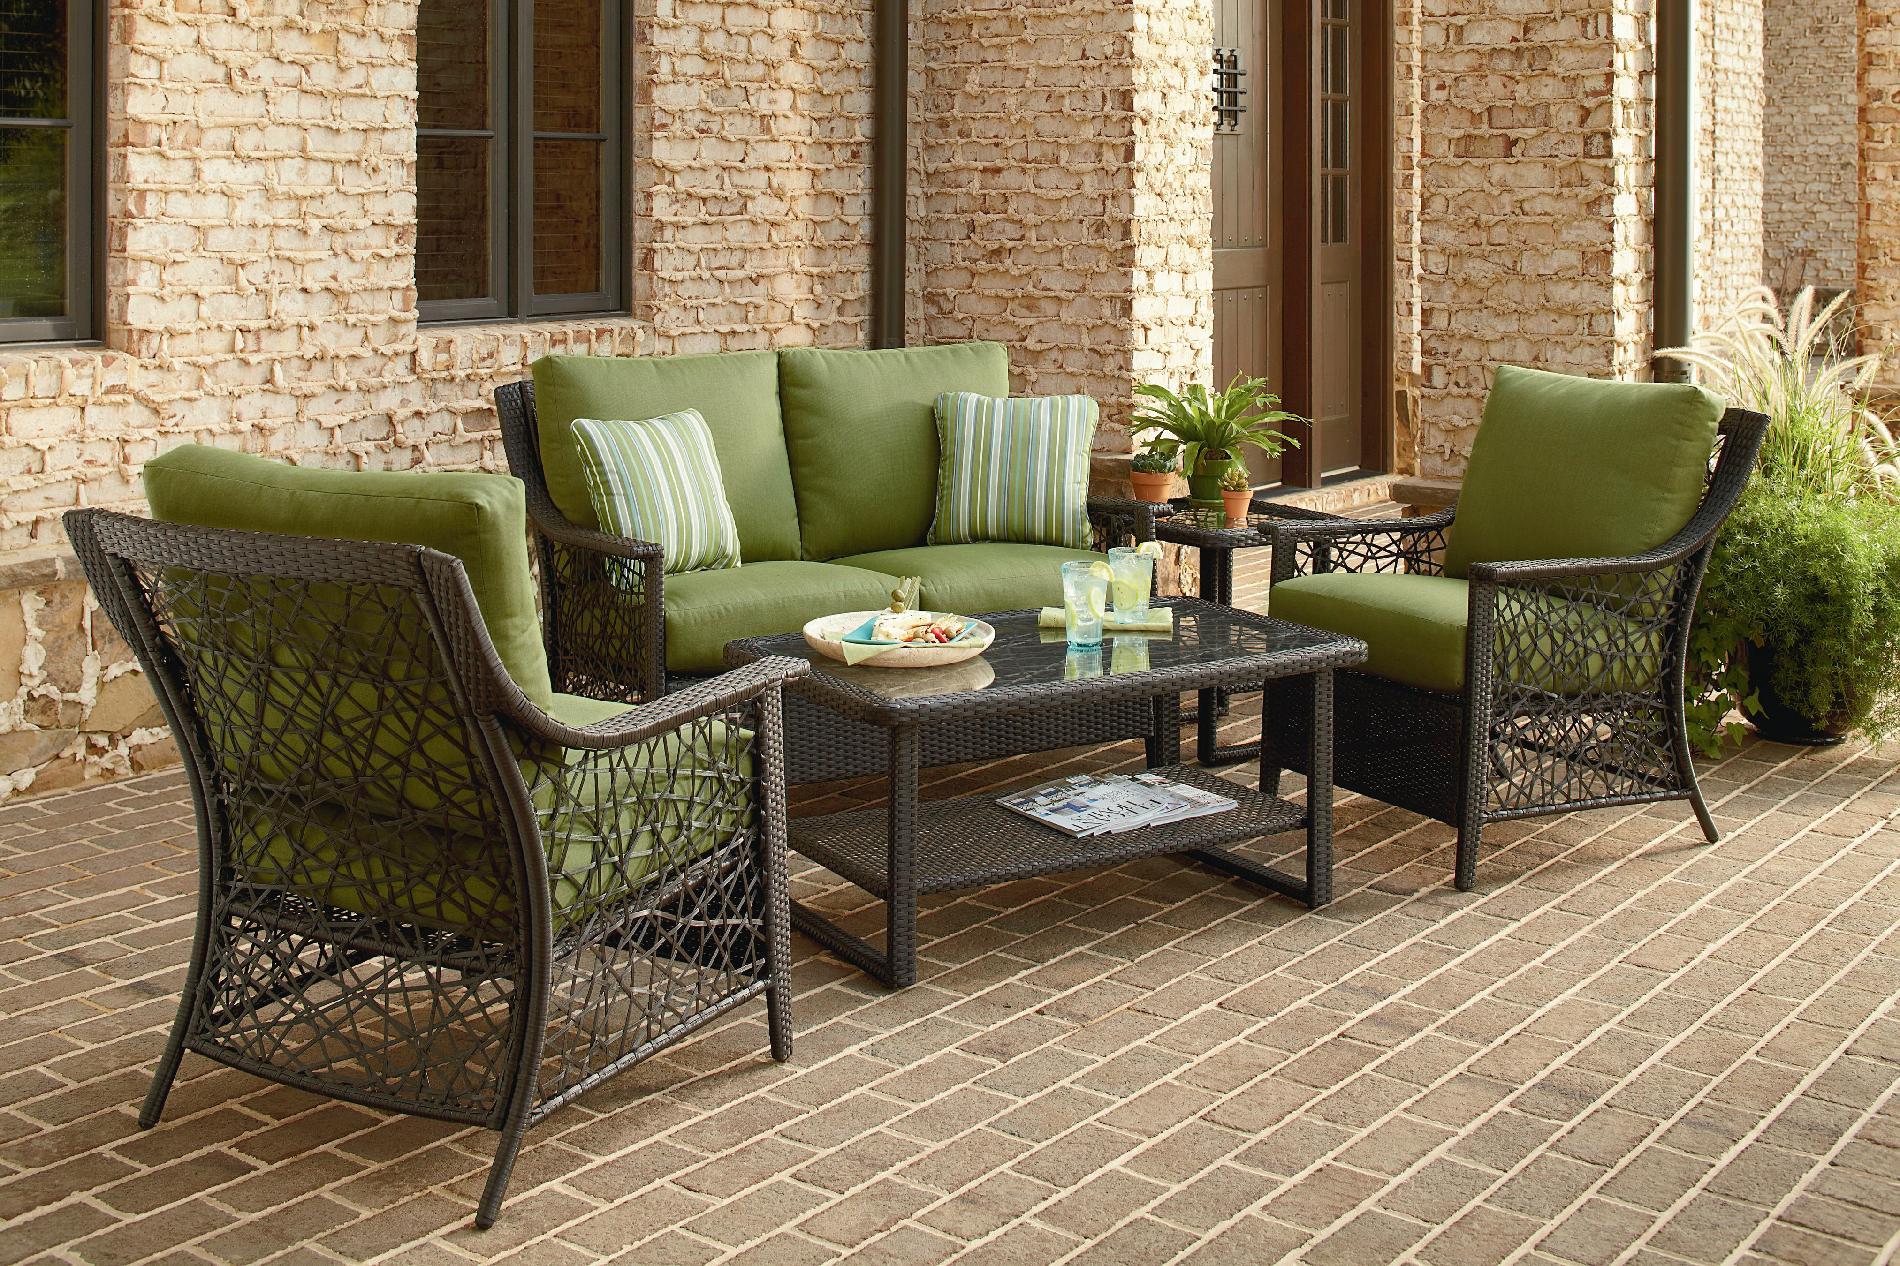 agio international sorrento 4 aluminum woven on Agio Patio Furniture id=35787